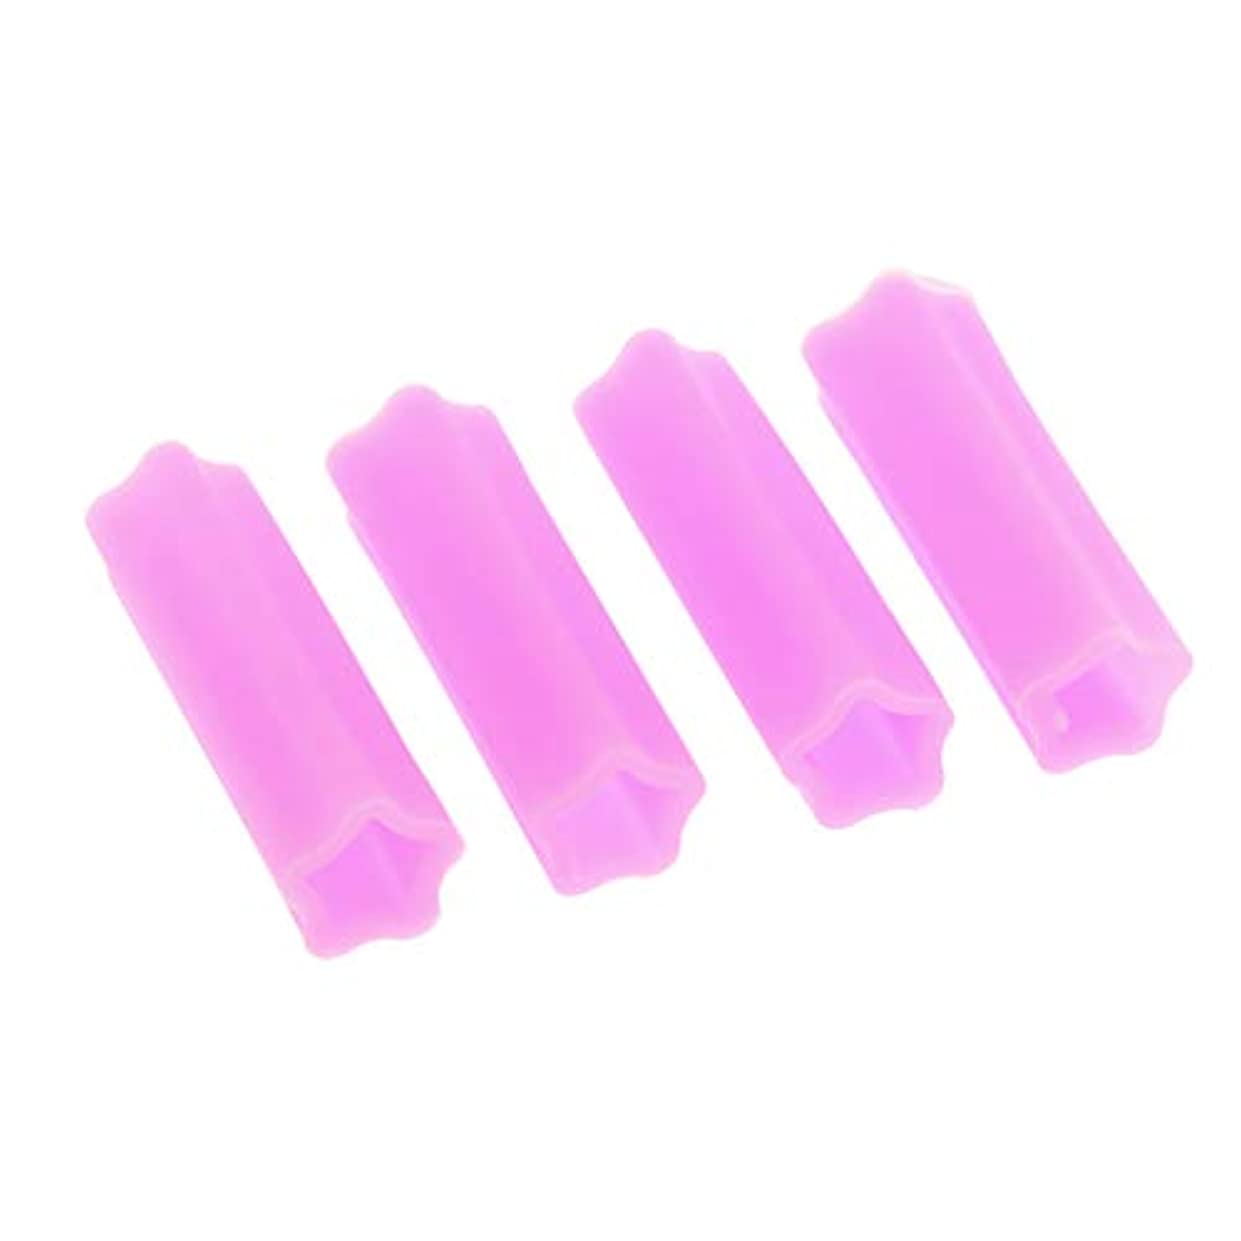 管理プラカード在庫4個入り シリコン キューティクルニッパー ケース ニッパーキャップ ネイルニッパー キャップ 柔軟 耐久性 - 紫の